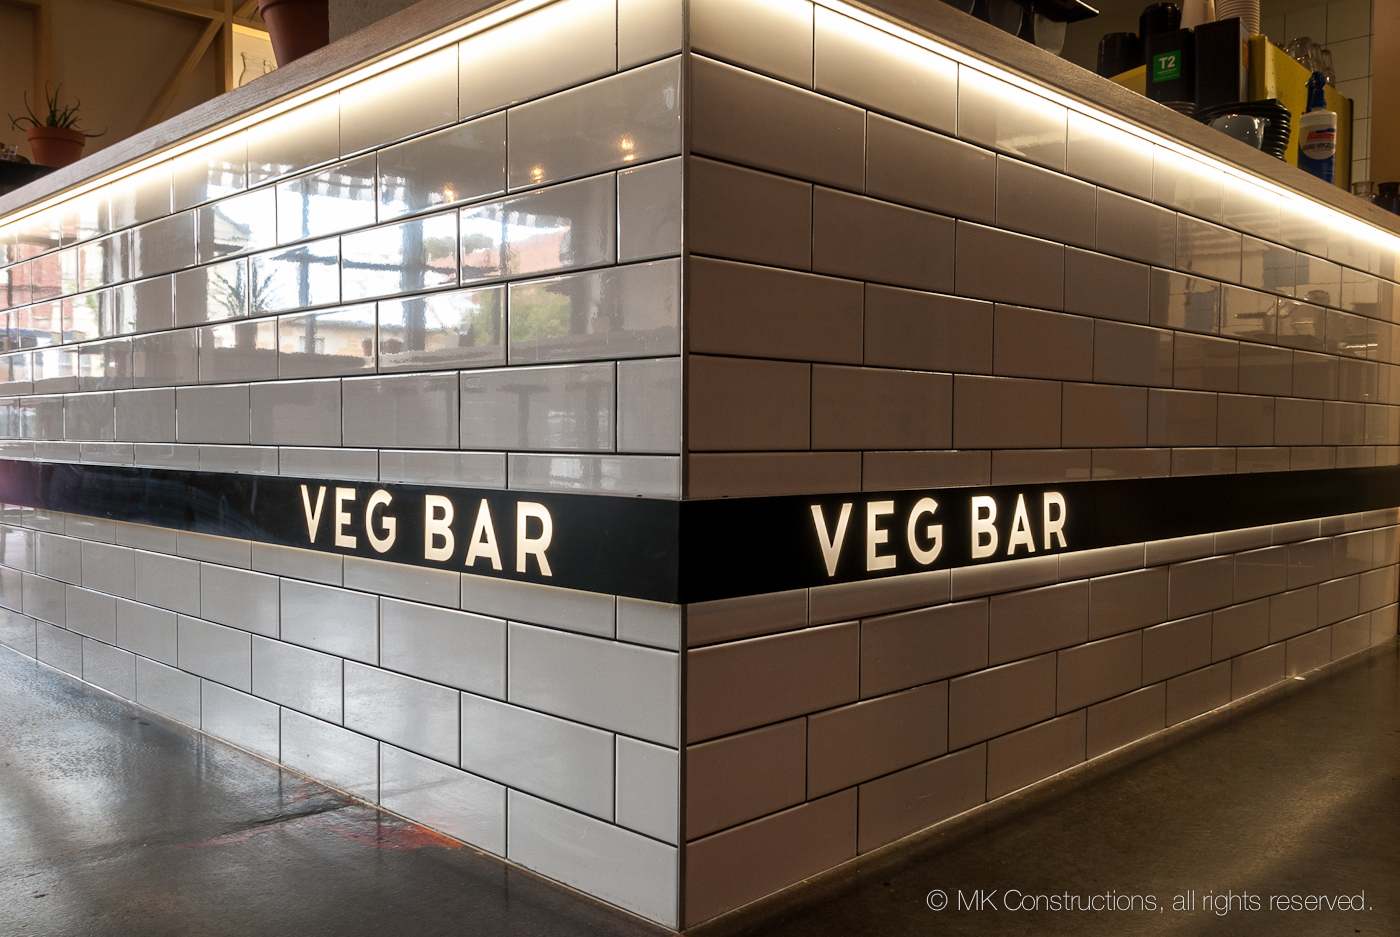 VEG BAR - MK Constructions